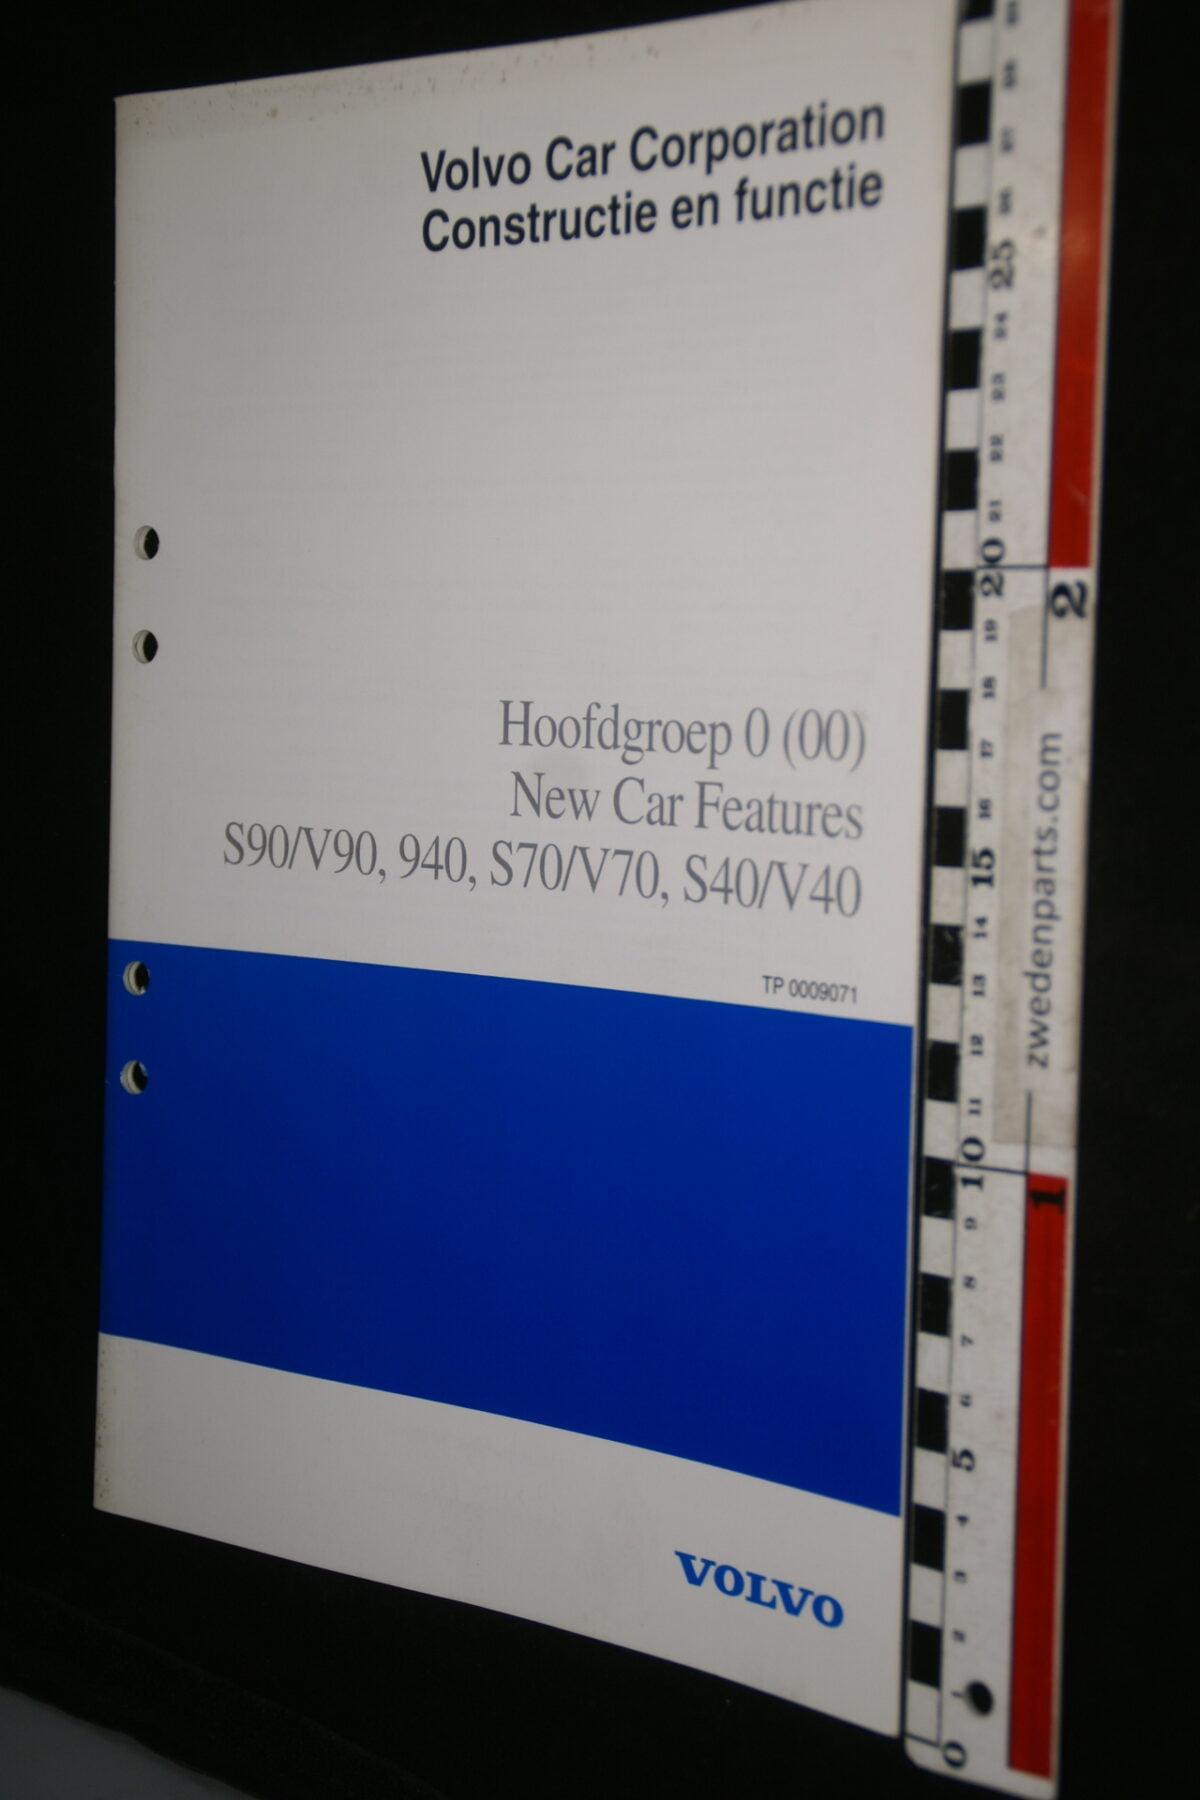 DSC00173 1996 origineel Volvo S90 V90 940 S70 V70 0 (00) nieuwe aspecten werkplaatsboek 1van 350 TP0009071-777d8468